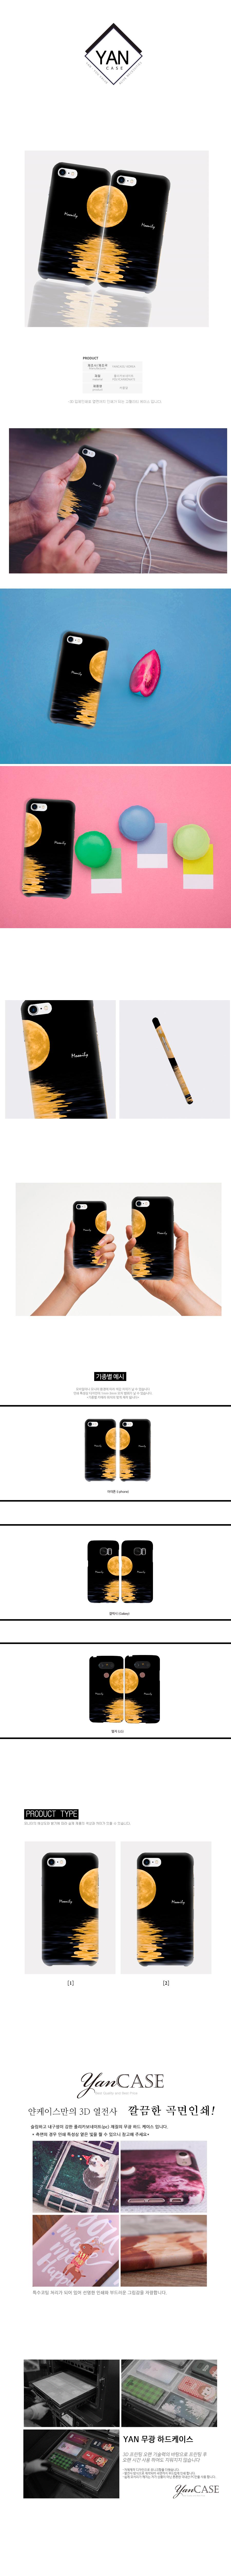 갤럭시노트8 커플야경 하드케이스 N950 - 얀케이스2, 13,500원, 케이스, 갤럭시노트8